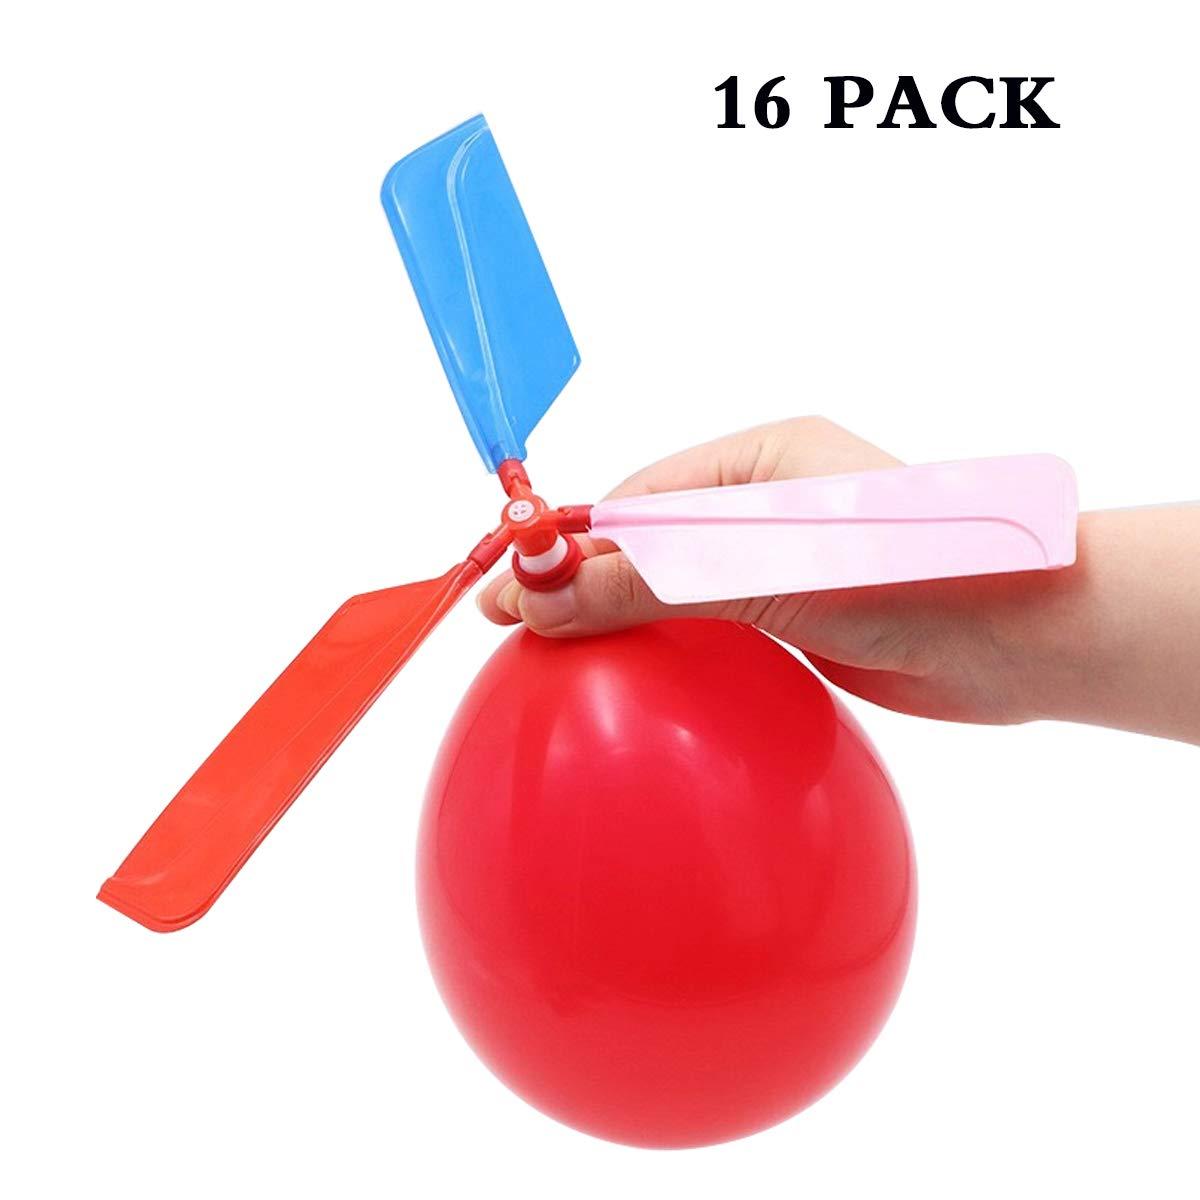 SBYURE 16個パック 風船 ヘリコプター 子供用 ゲーム パーティーゲーム 子供の日 ギフト 誕生日 パーティーのお土産 カラーランダム   B07KRSRH9D